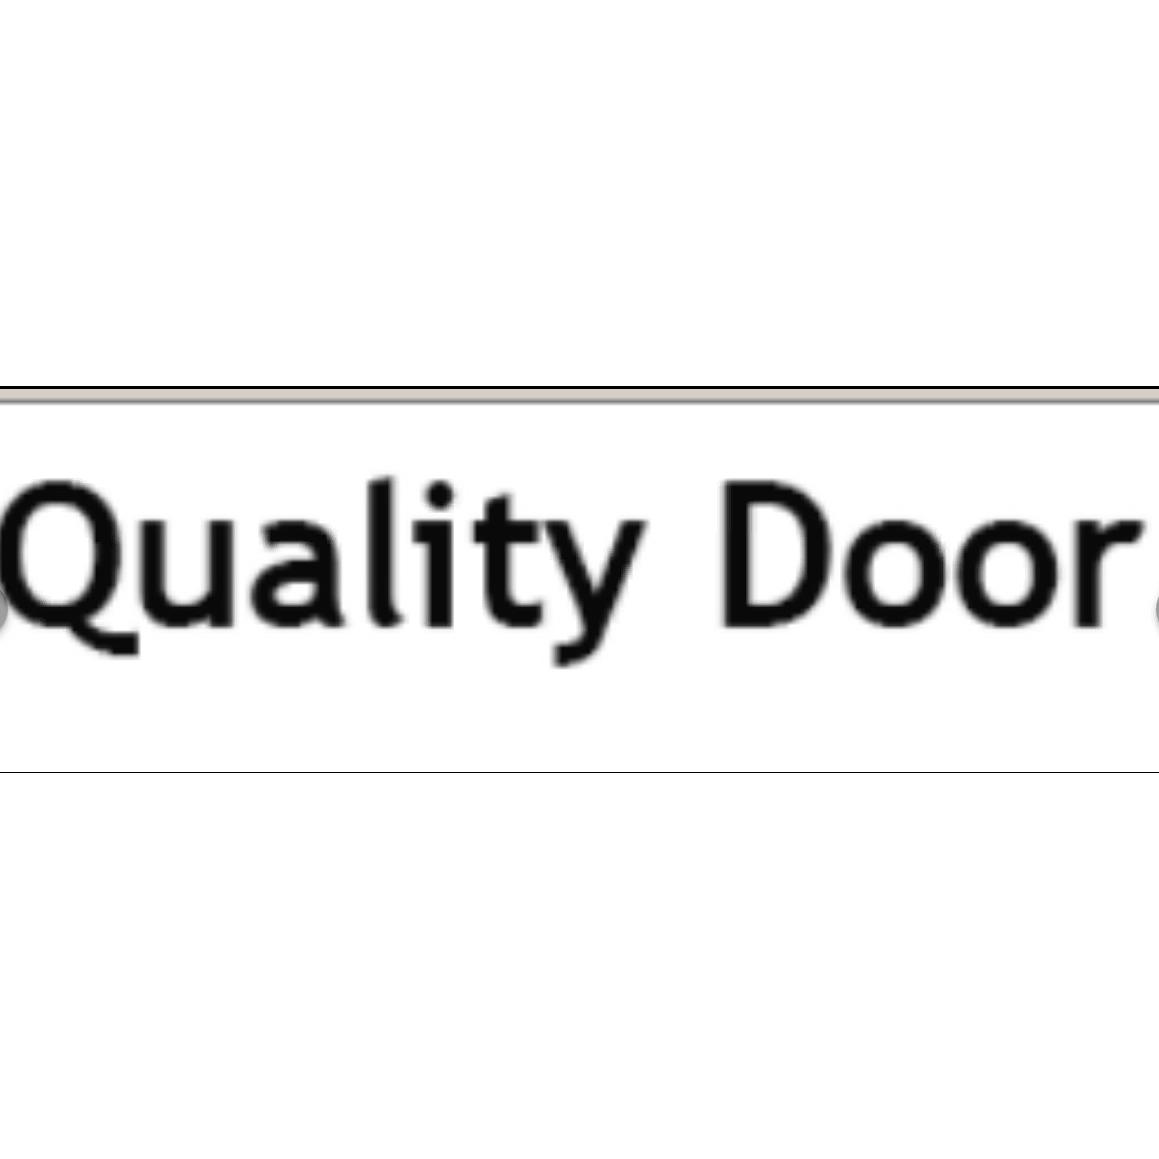 Quality Door Inc. image 2